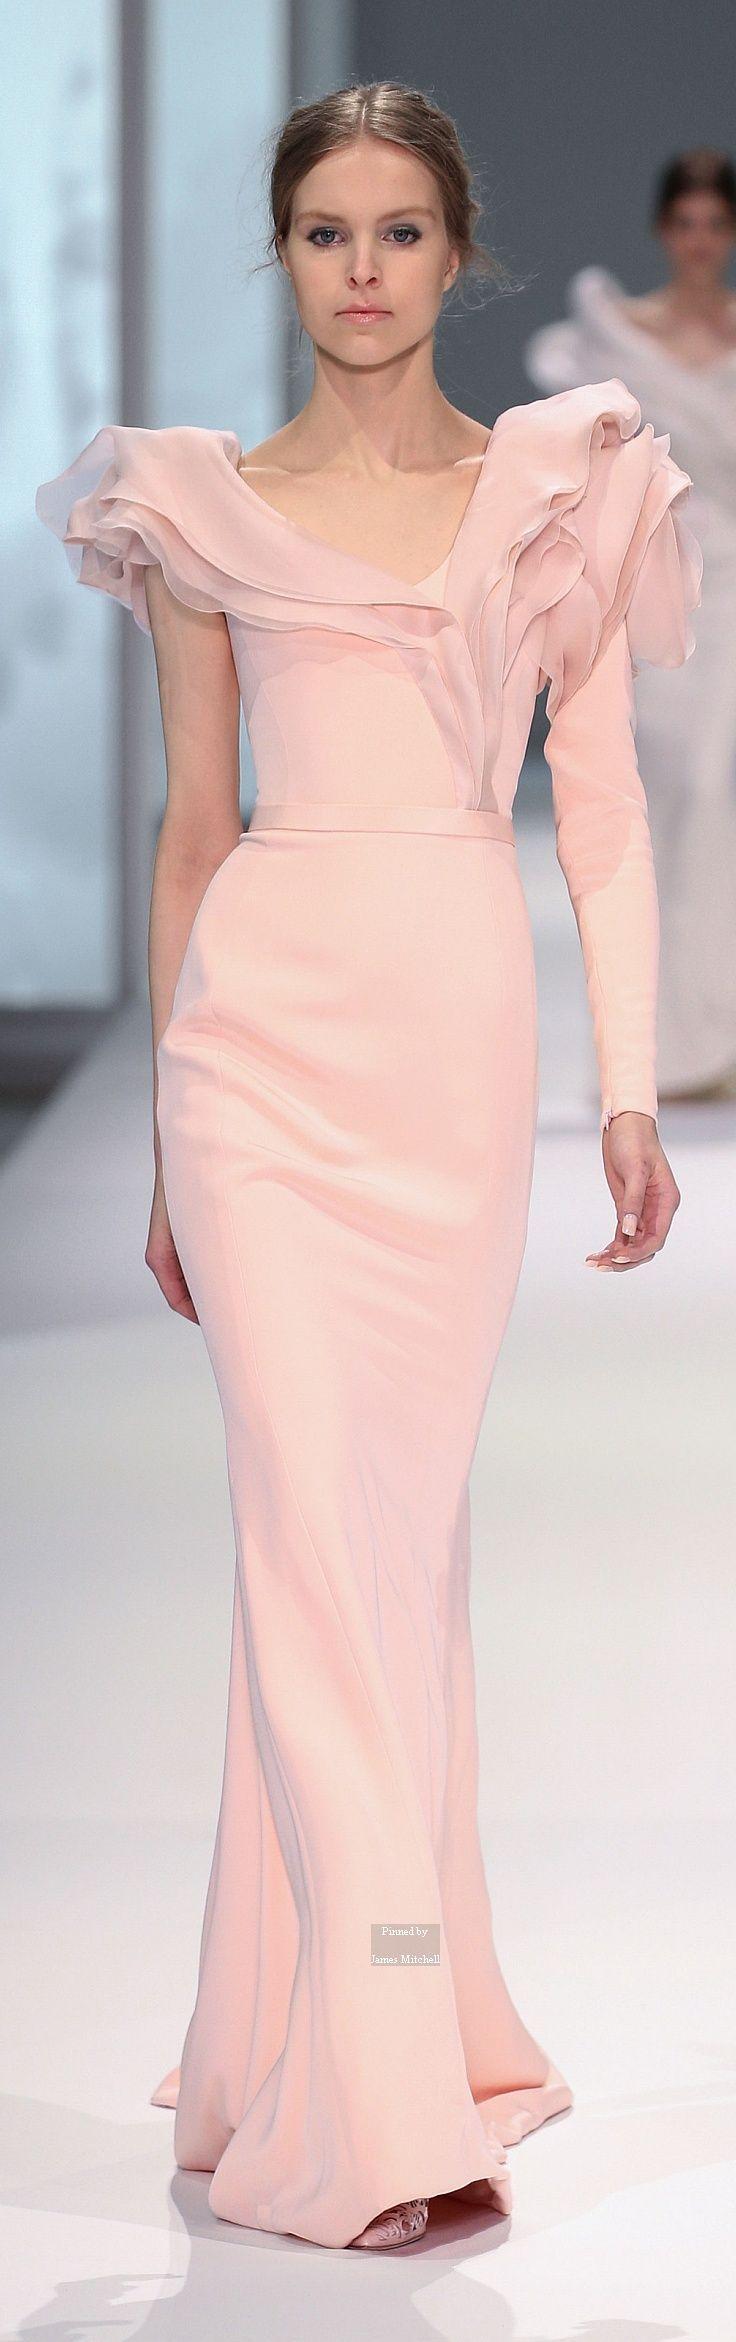 Lujoso Meneo Modelo De Vestido De Costura Regalo - Manta de Tejer ...